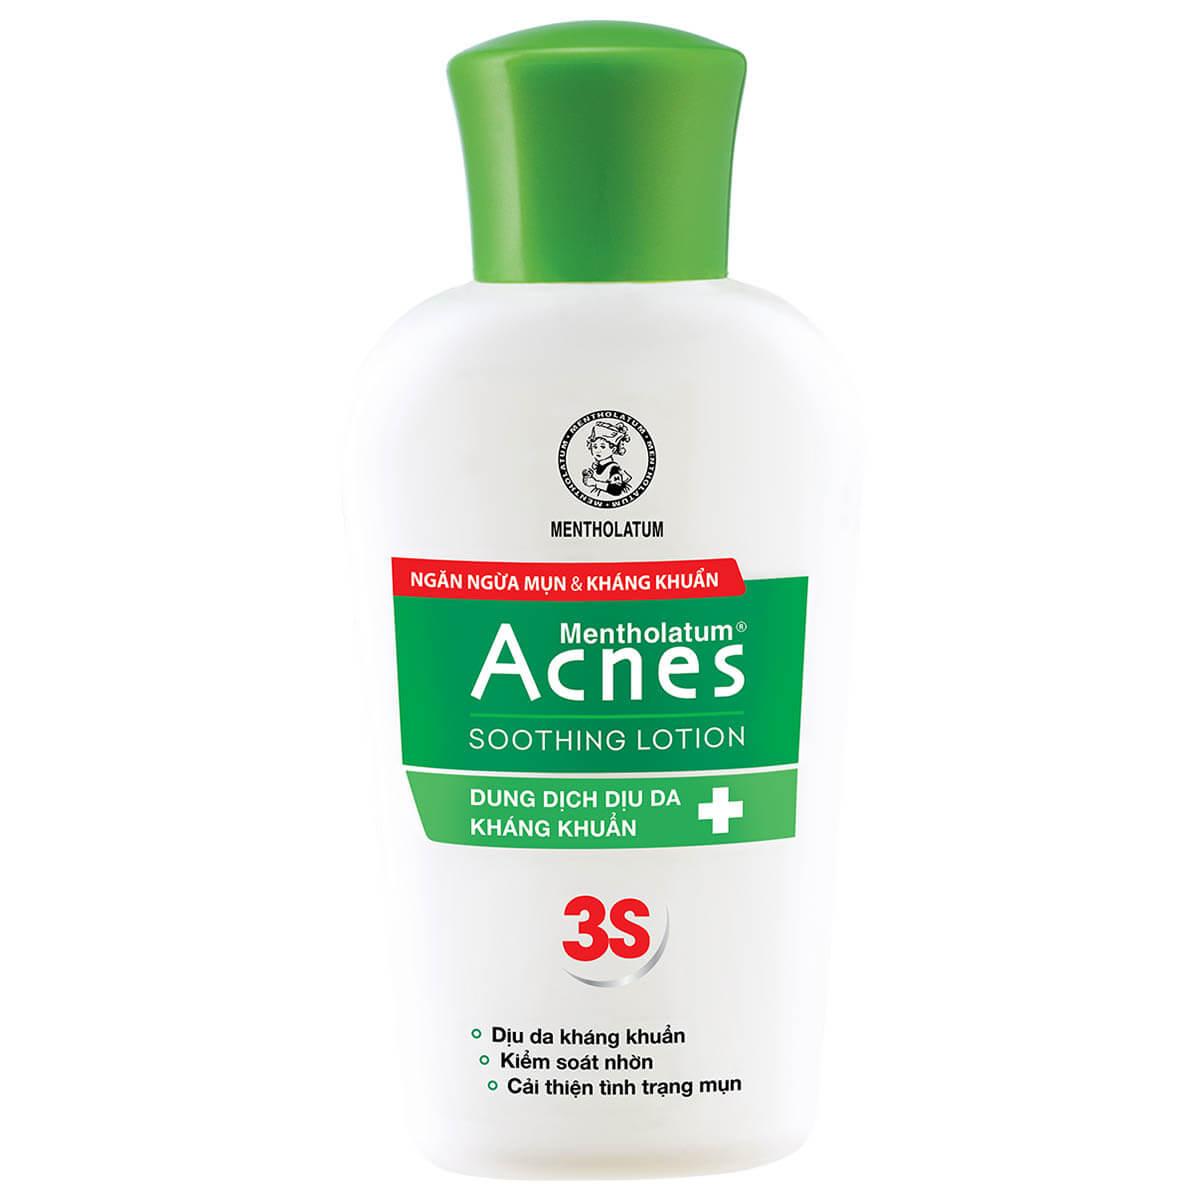 Acnes Soothing Lotion - Dung dịch kháng khuẩn là cách trị mụn bọc tốt nhất